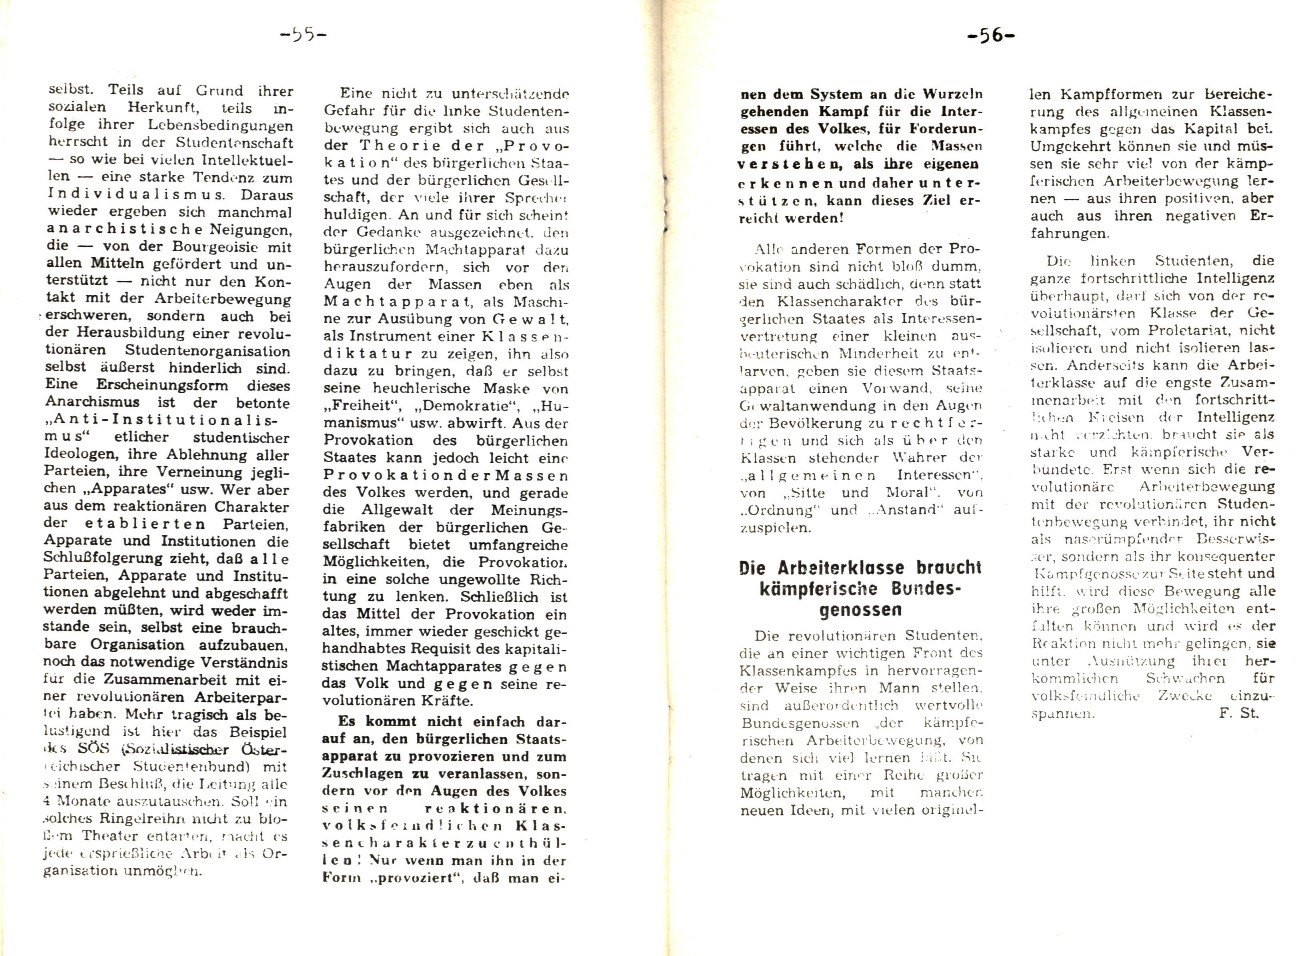 MLSK_Theorie_und_Praxis_des_ML_1978_23_31